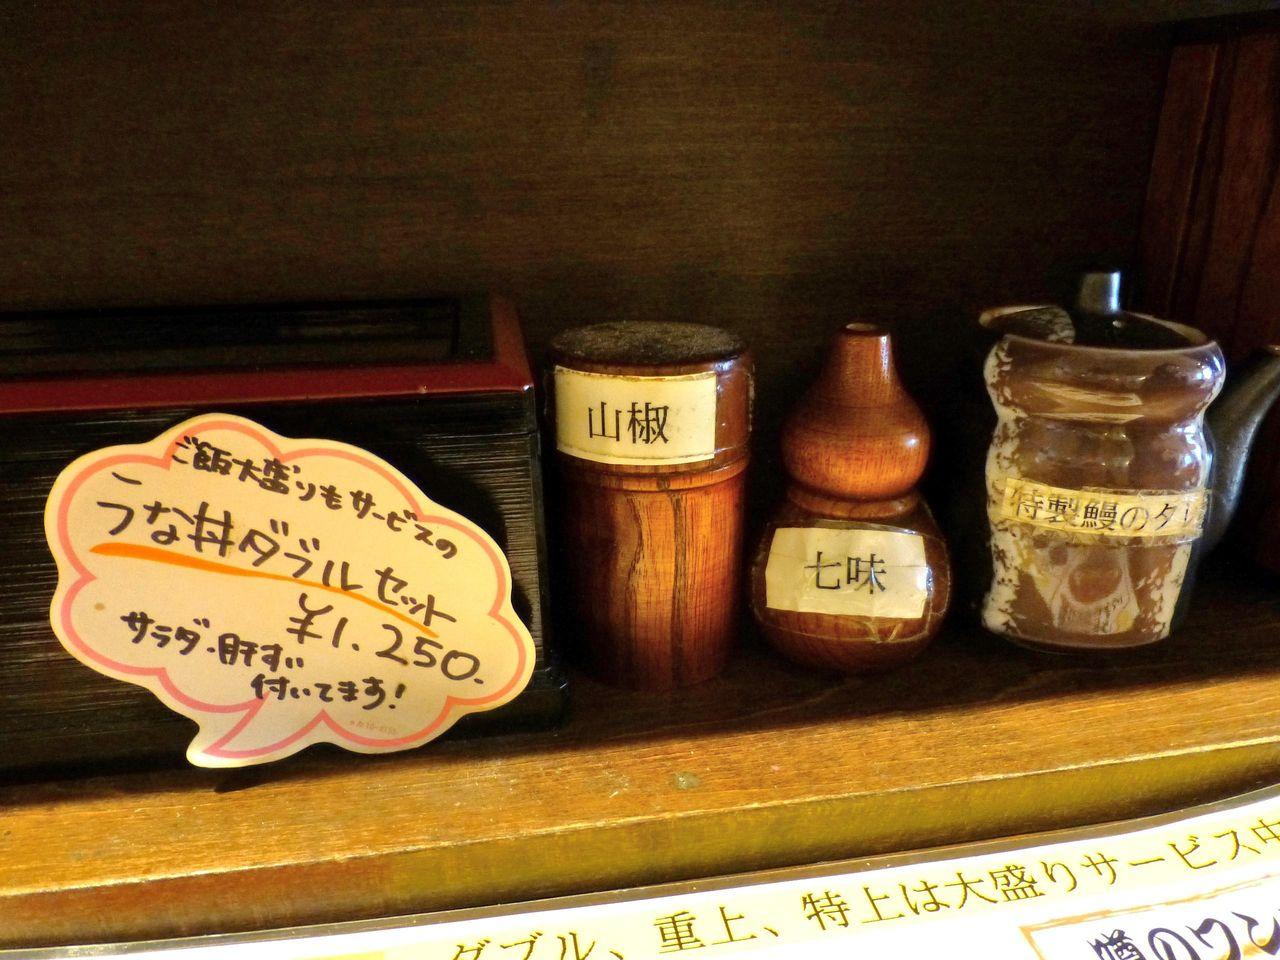 山椒、七味、鰻のタレが用意してあります!